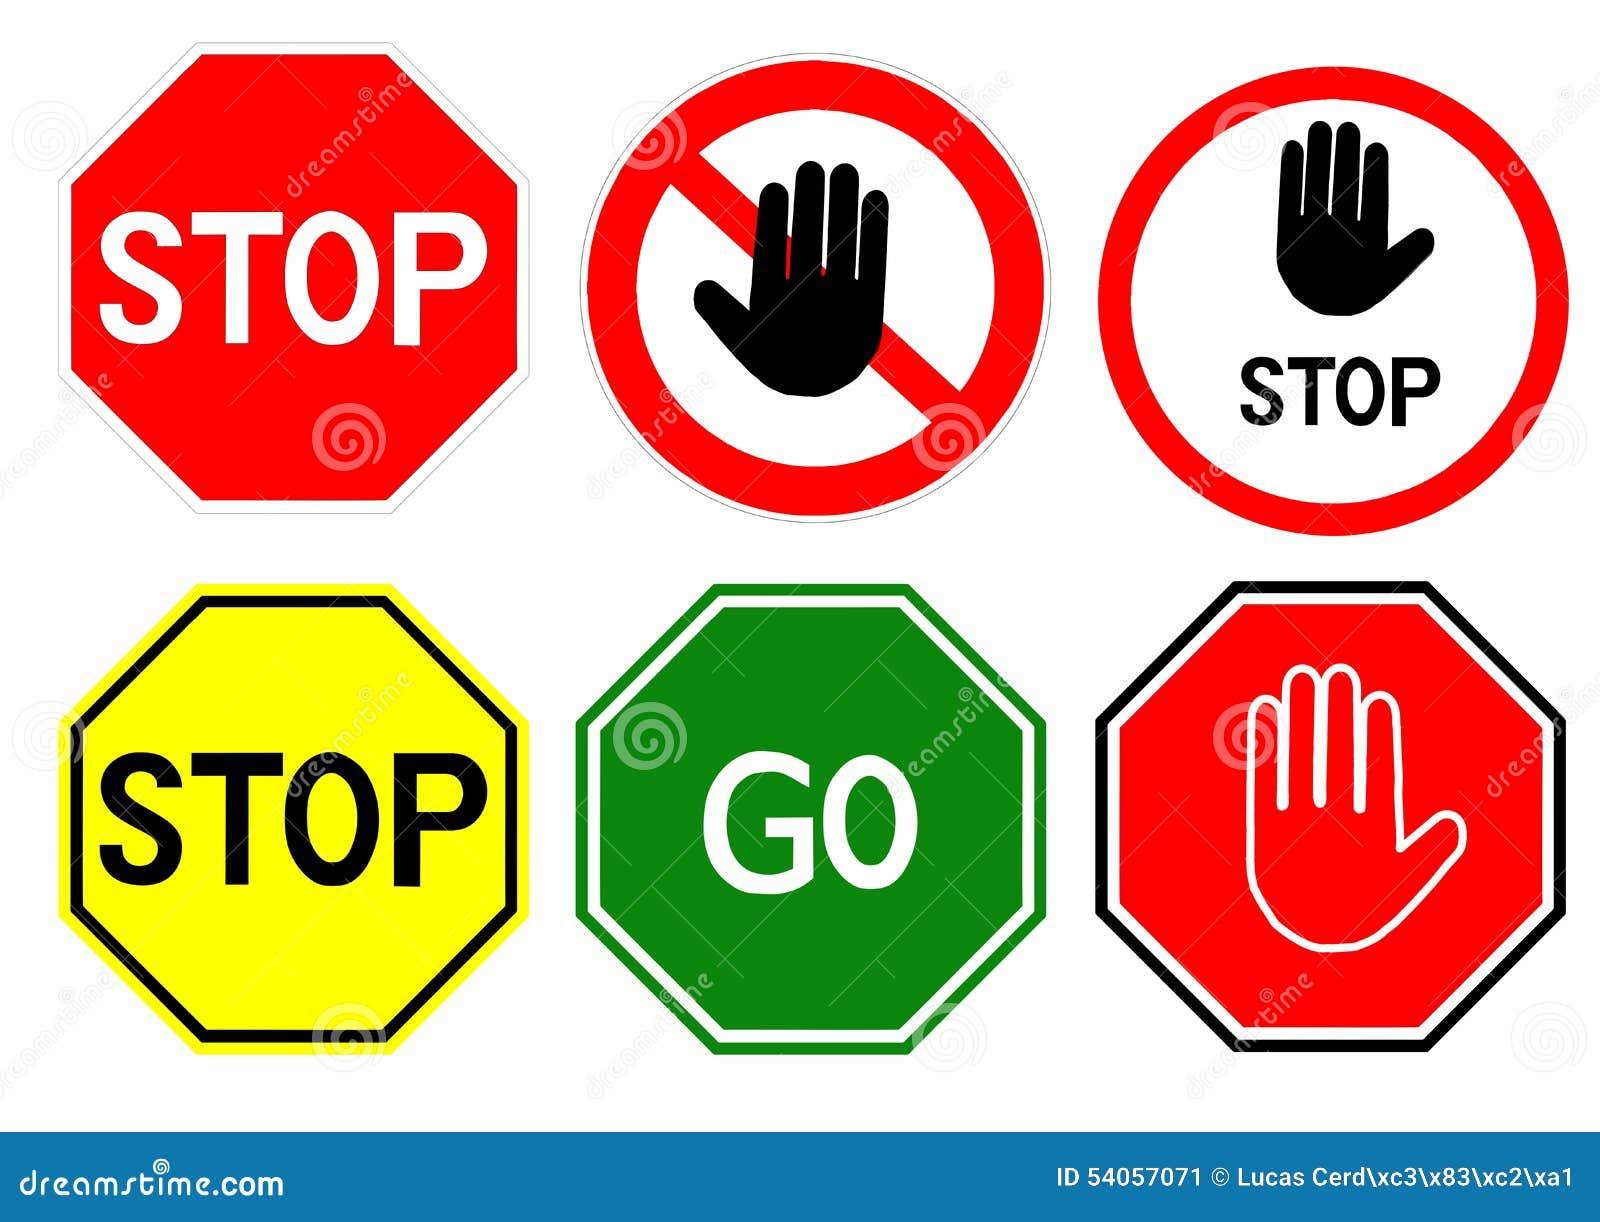 stop signs stock illustration image 54057071. Black Bedroom Furniture Sets. Home Design Ideas